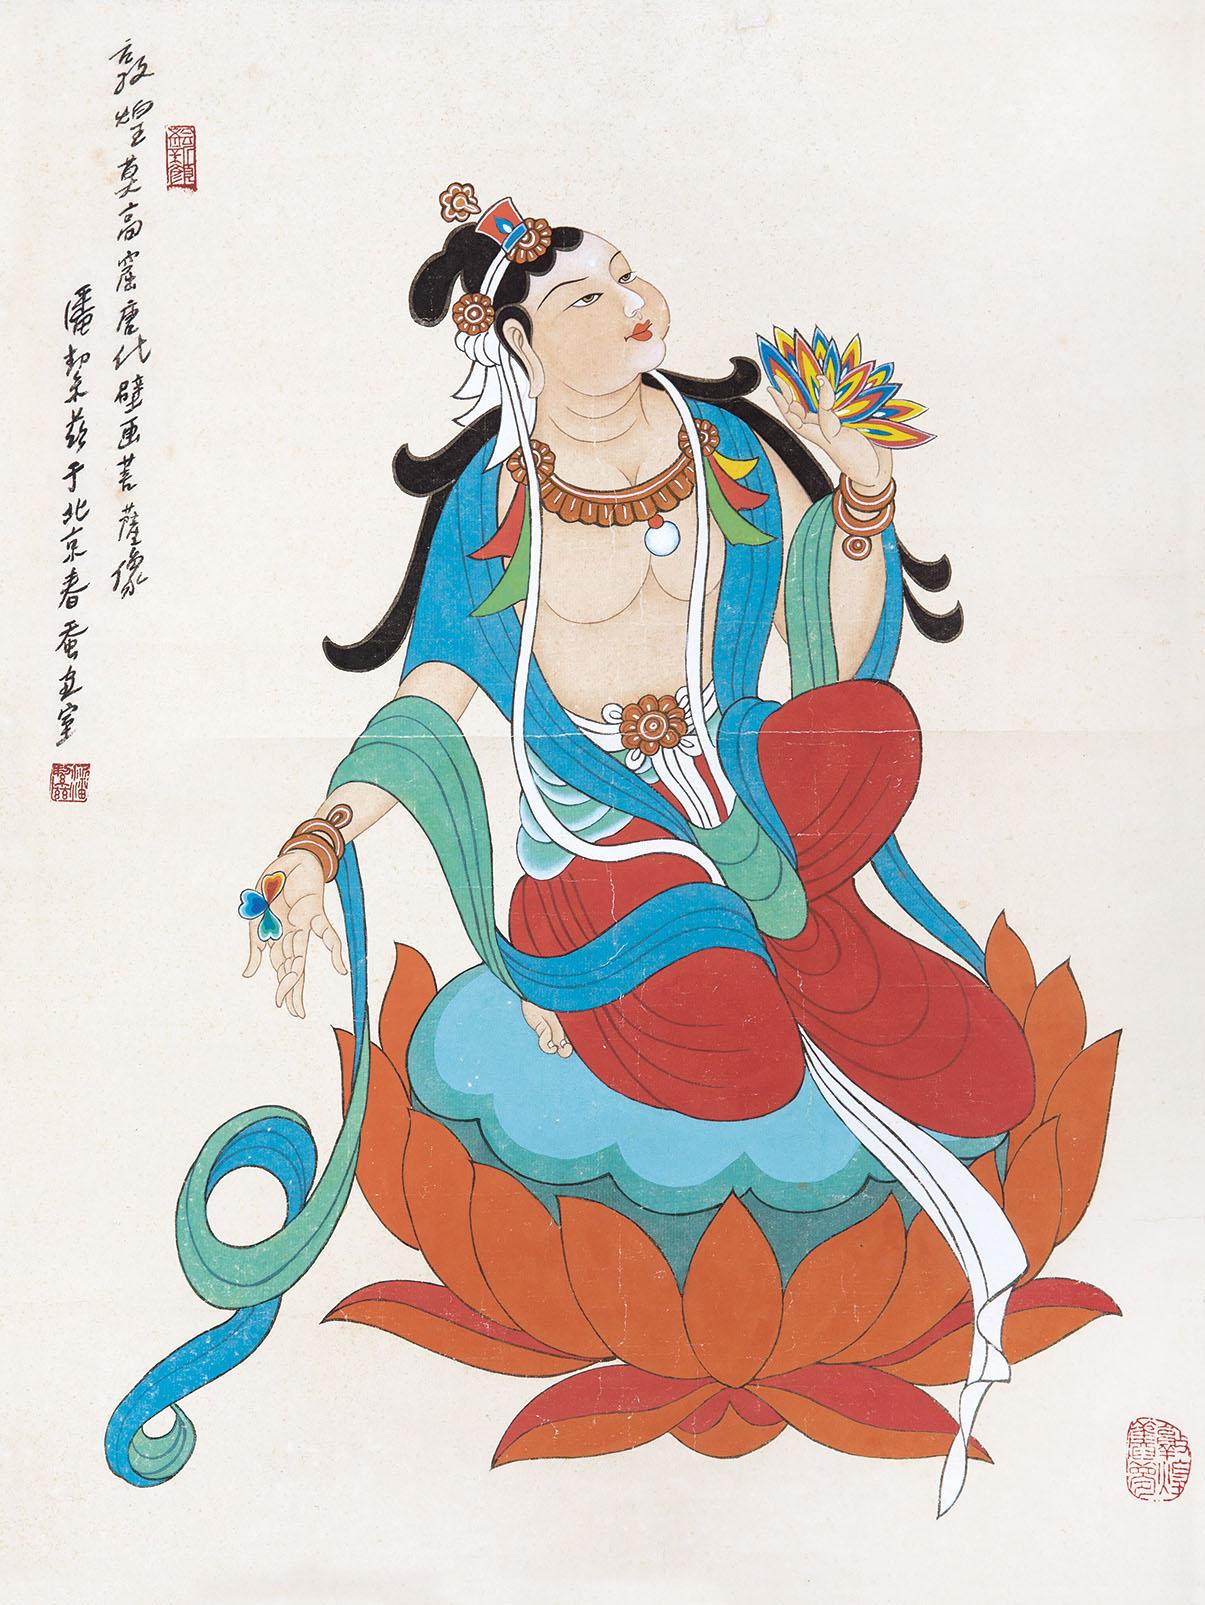 敦煌壁画菩萨图片